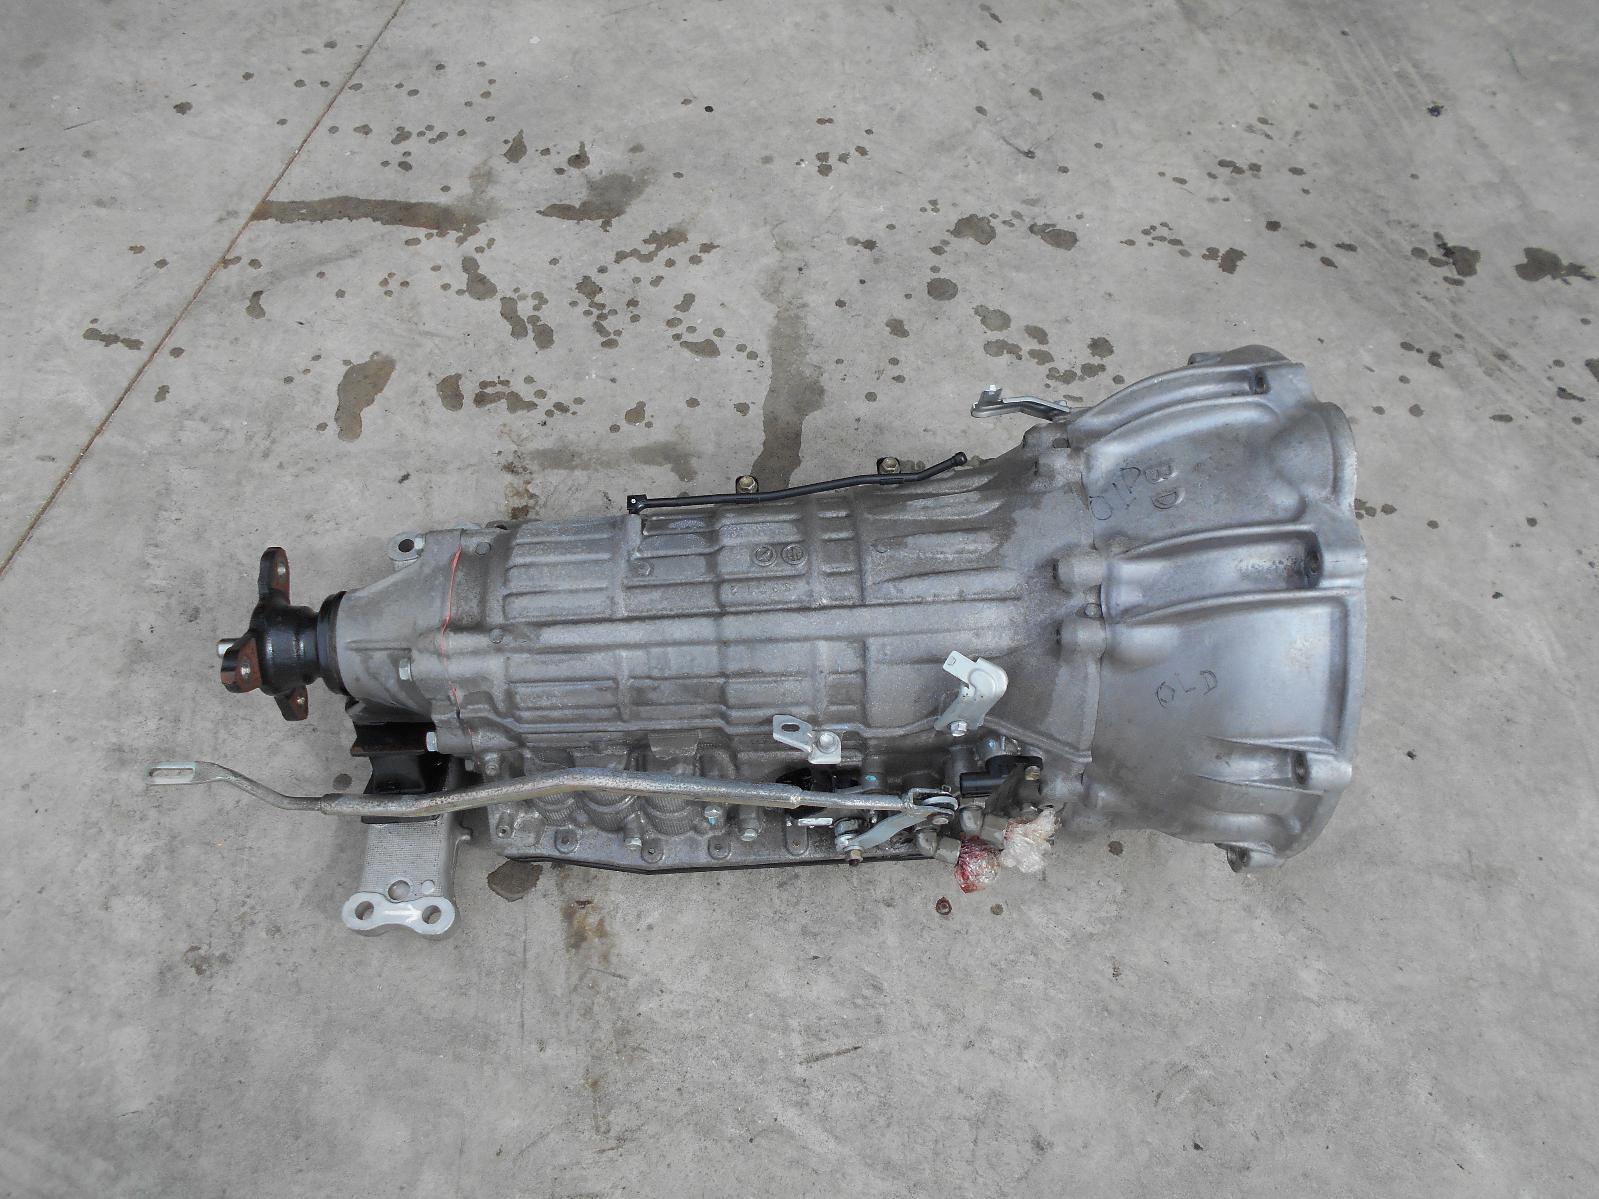 LEXUS LS430, Trans/Gearbox, AUTO, 4.3, 3UZ, 5SPD, UCF30R, 12/00-07/03